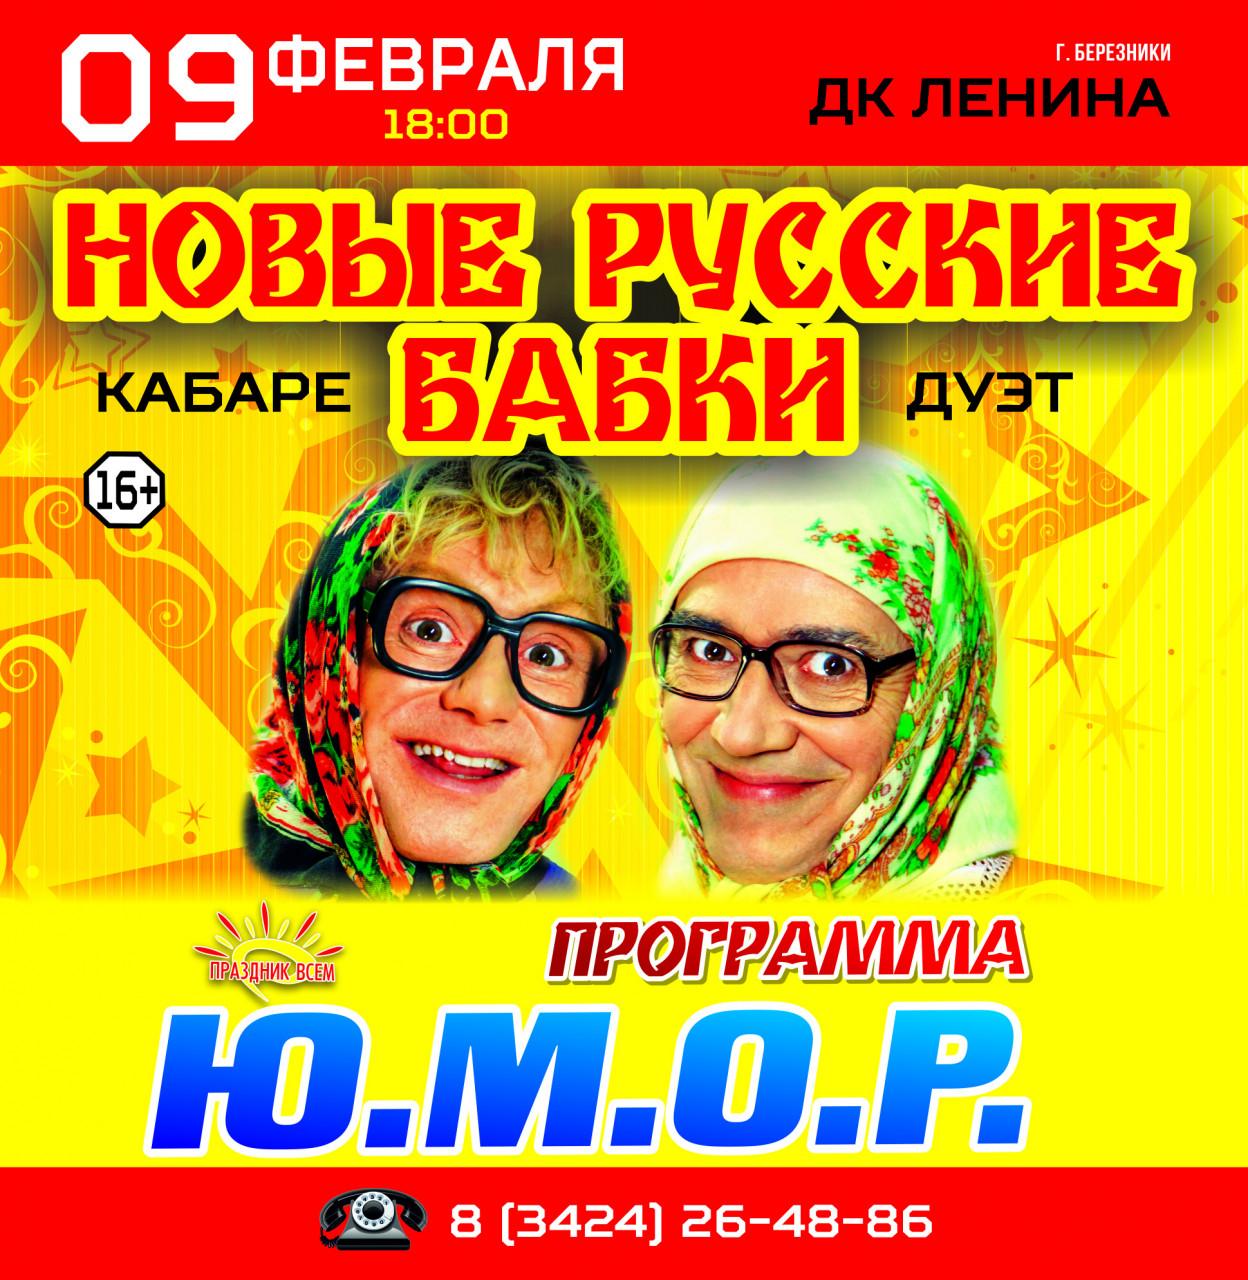 кабаре-дуэт: НОВЫЕ РУССКИЕ БАБКИ